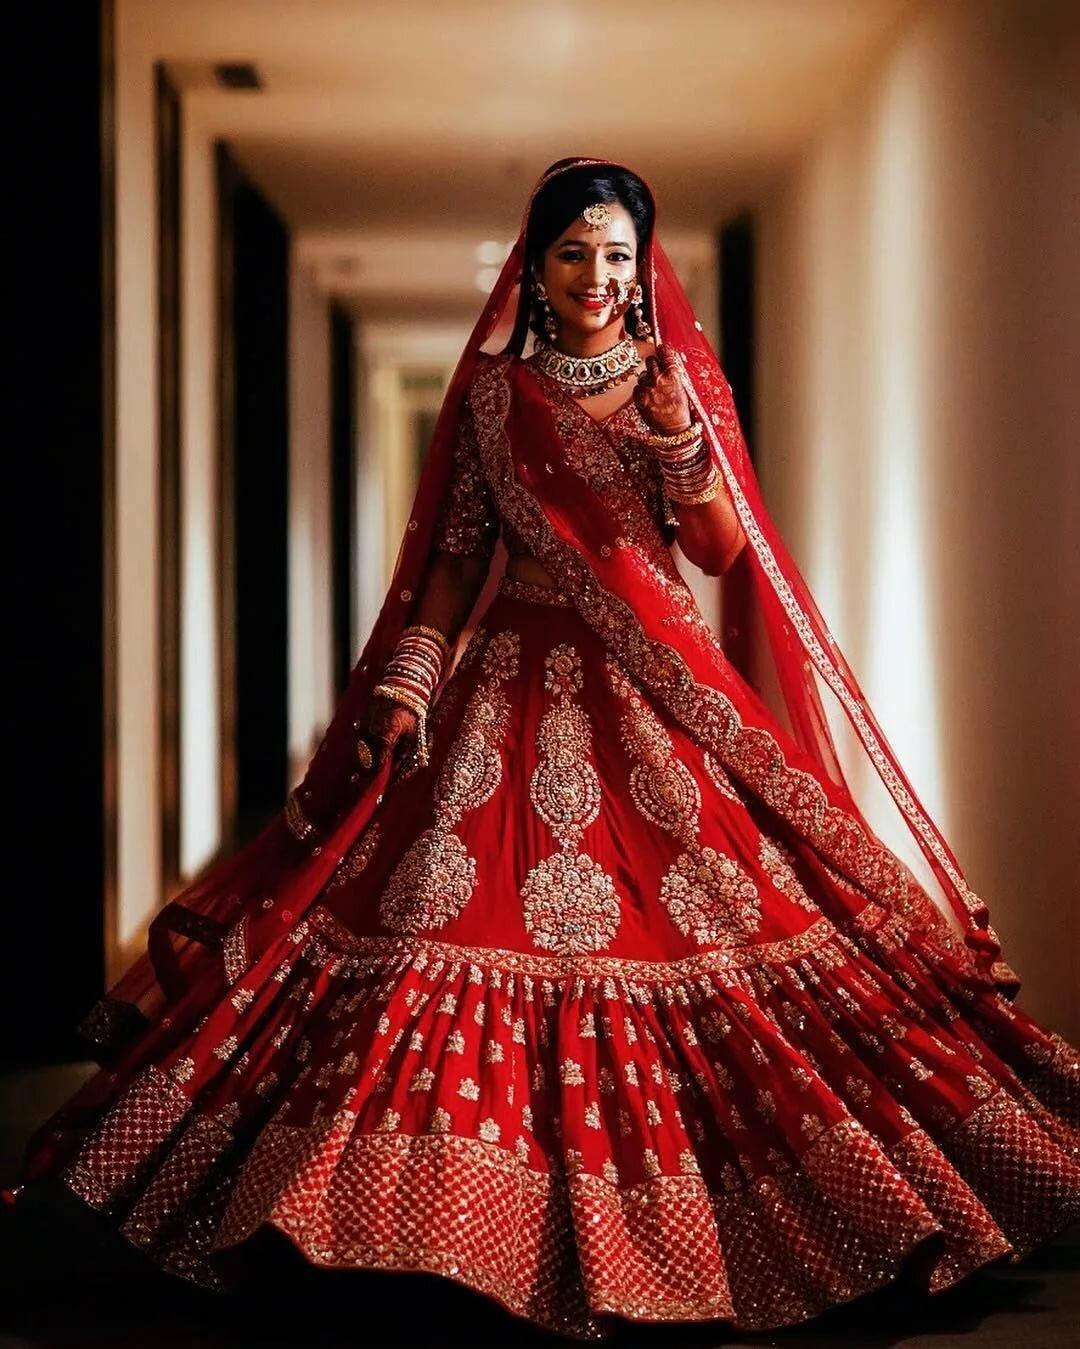 индийские национальные костюмы в картинках для была еще